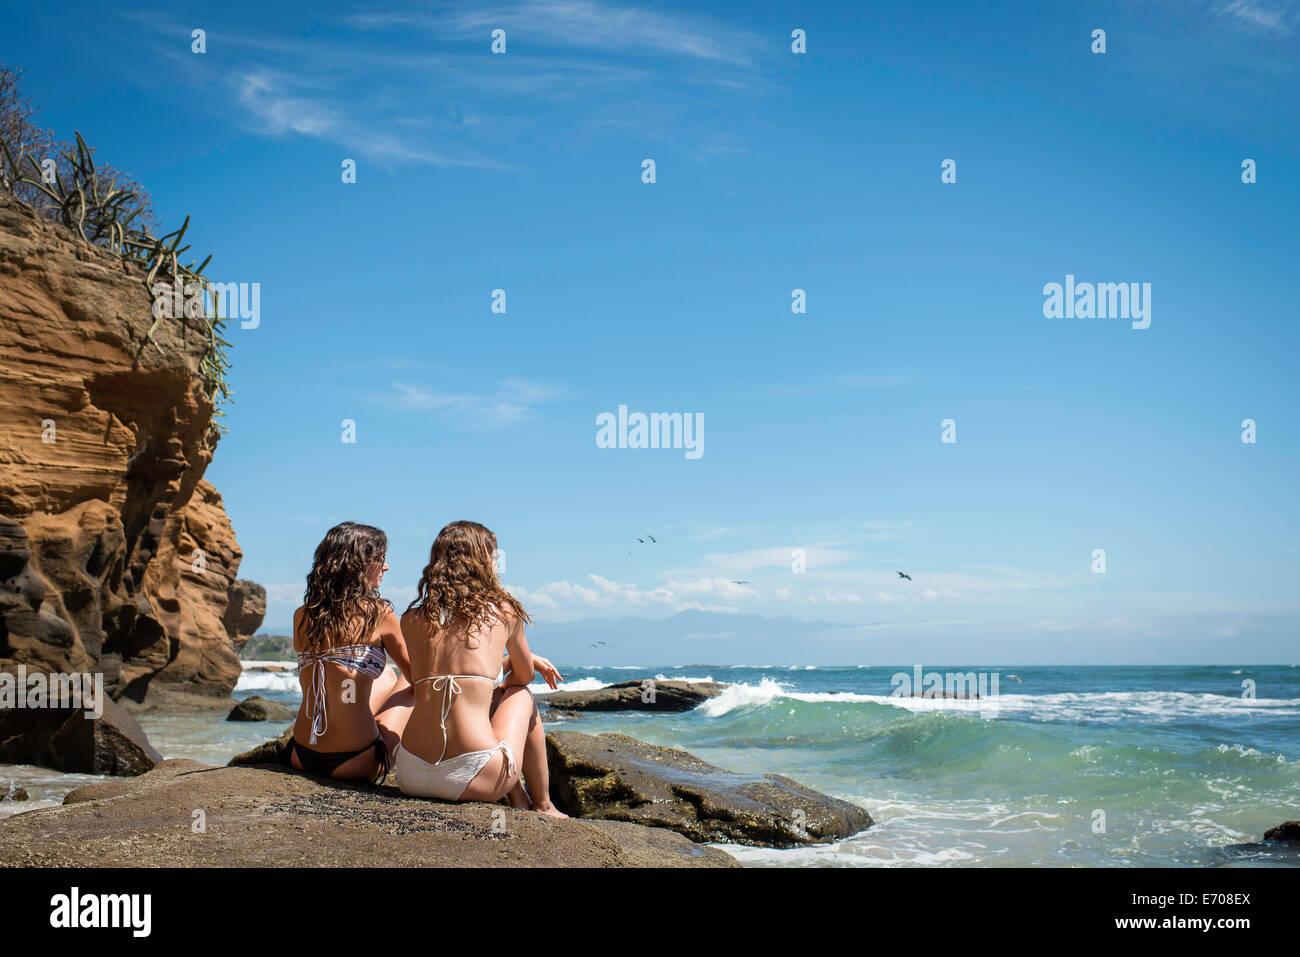 Zwei junge Frauen sitzen auf Felsen, Blick auf das Meer Stockbild